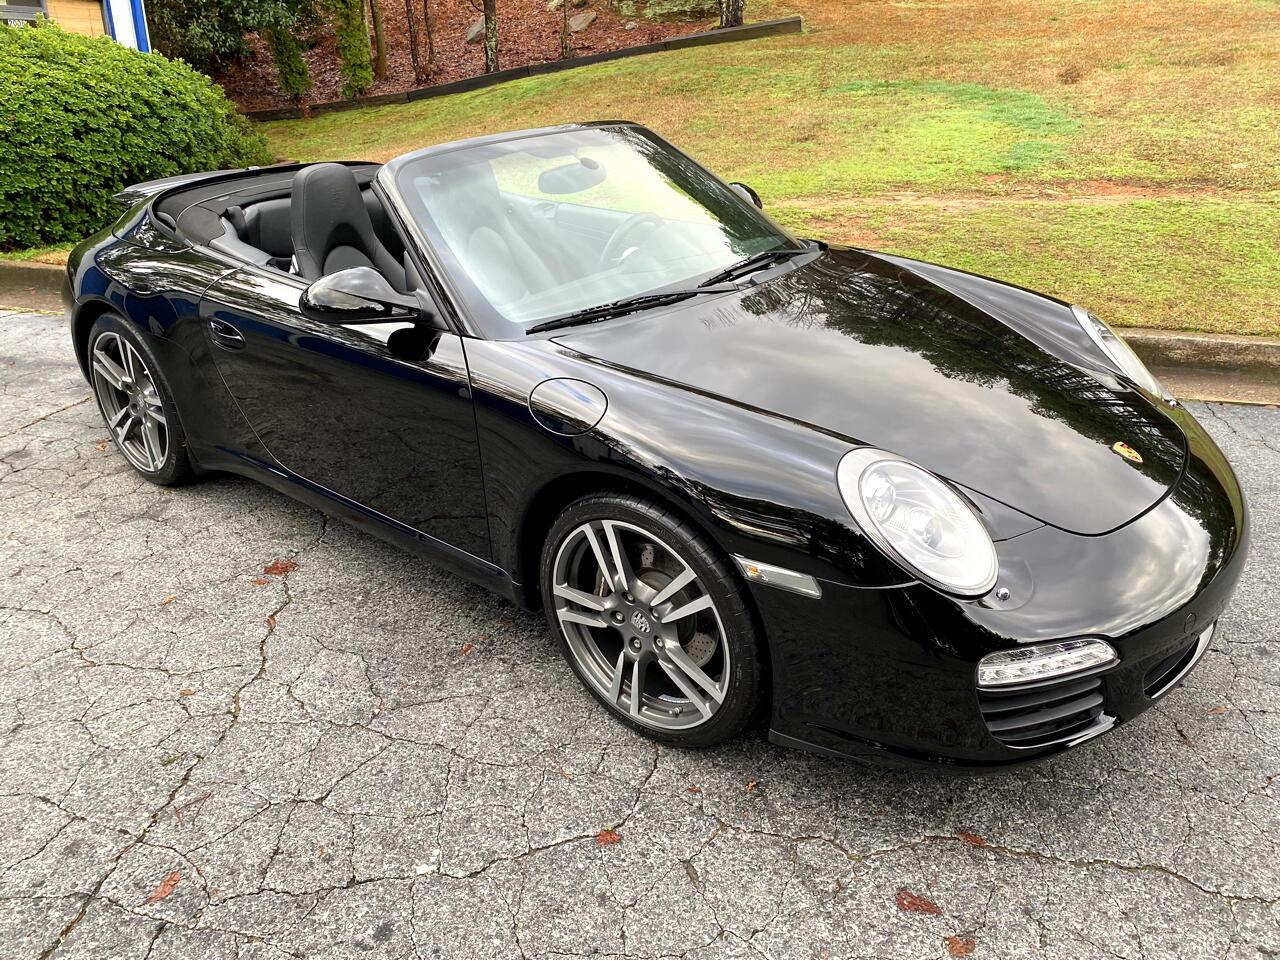 Porsche 911 2dr Cabriolet Carrera Black Edition 2012